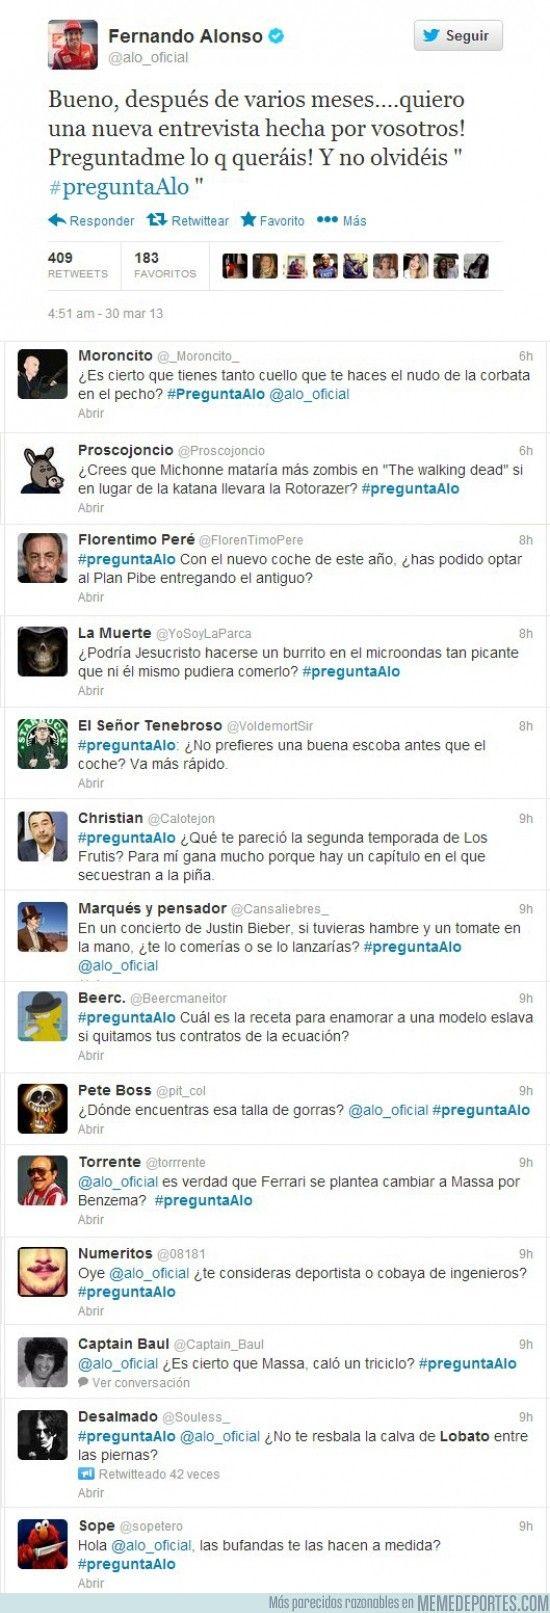 Trolleo Fernando Alonso Twitter